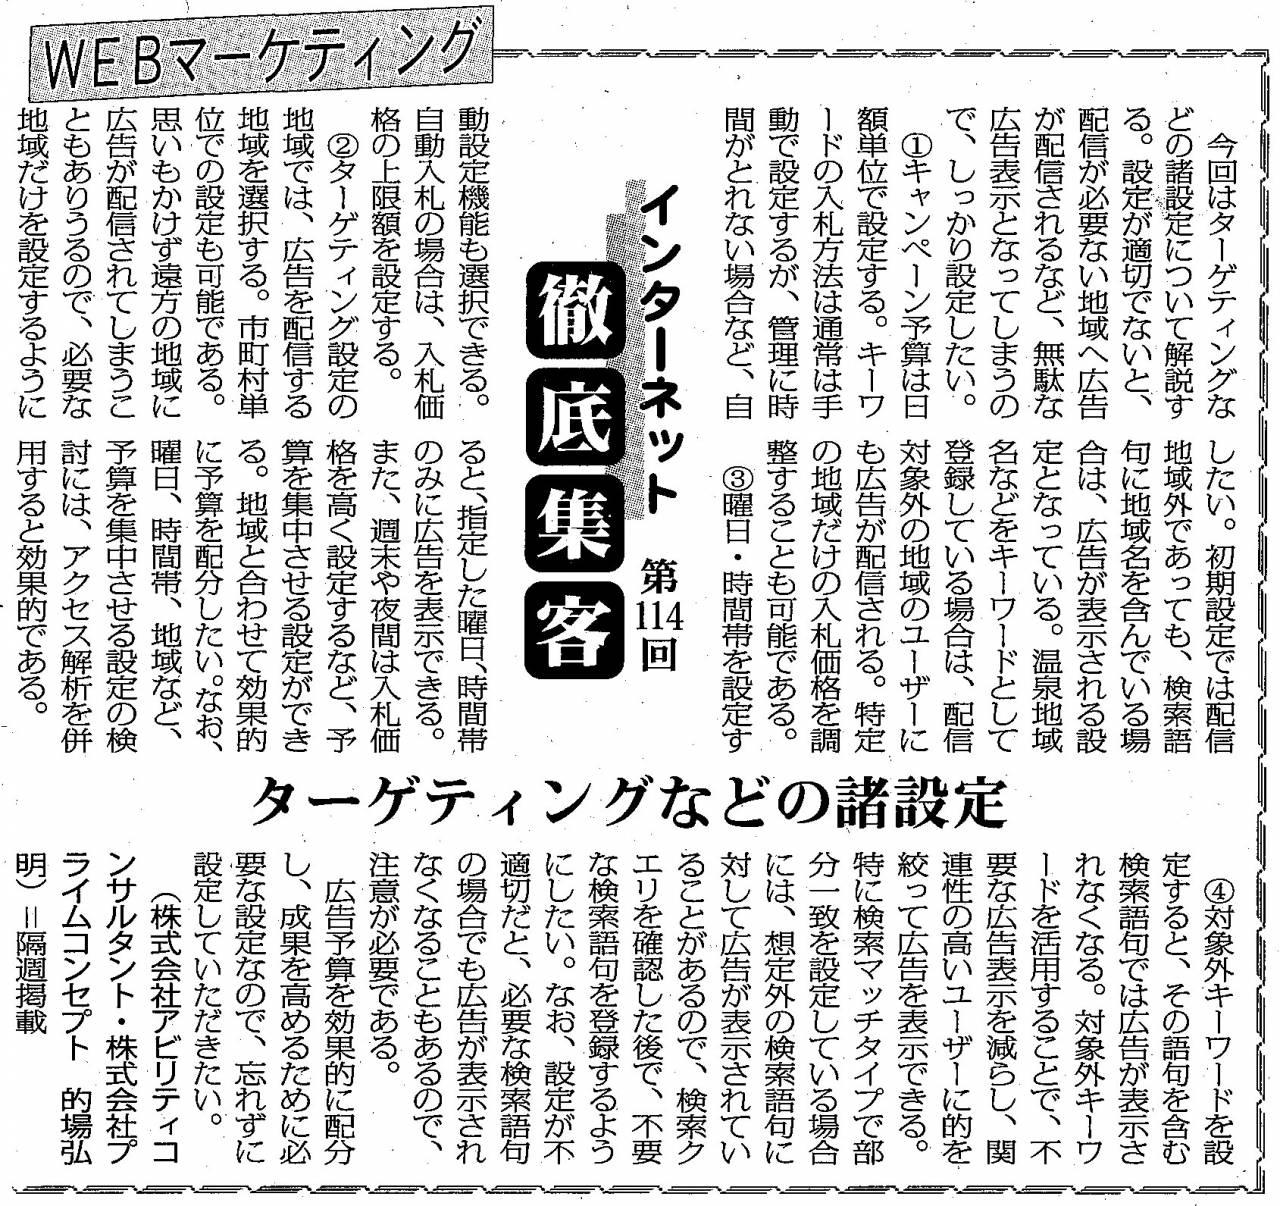 【第114回】WEBマーケティング ターゲティングなどの諸設定